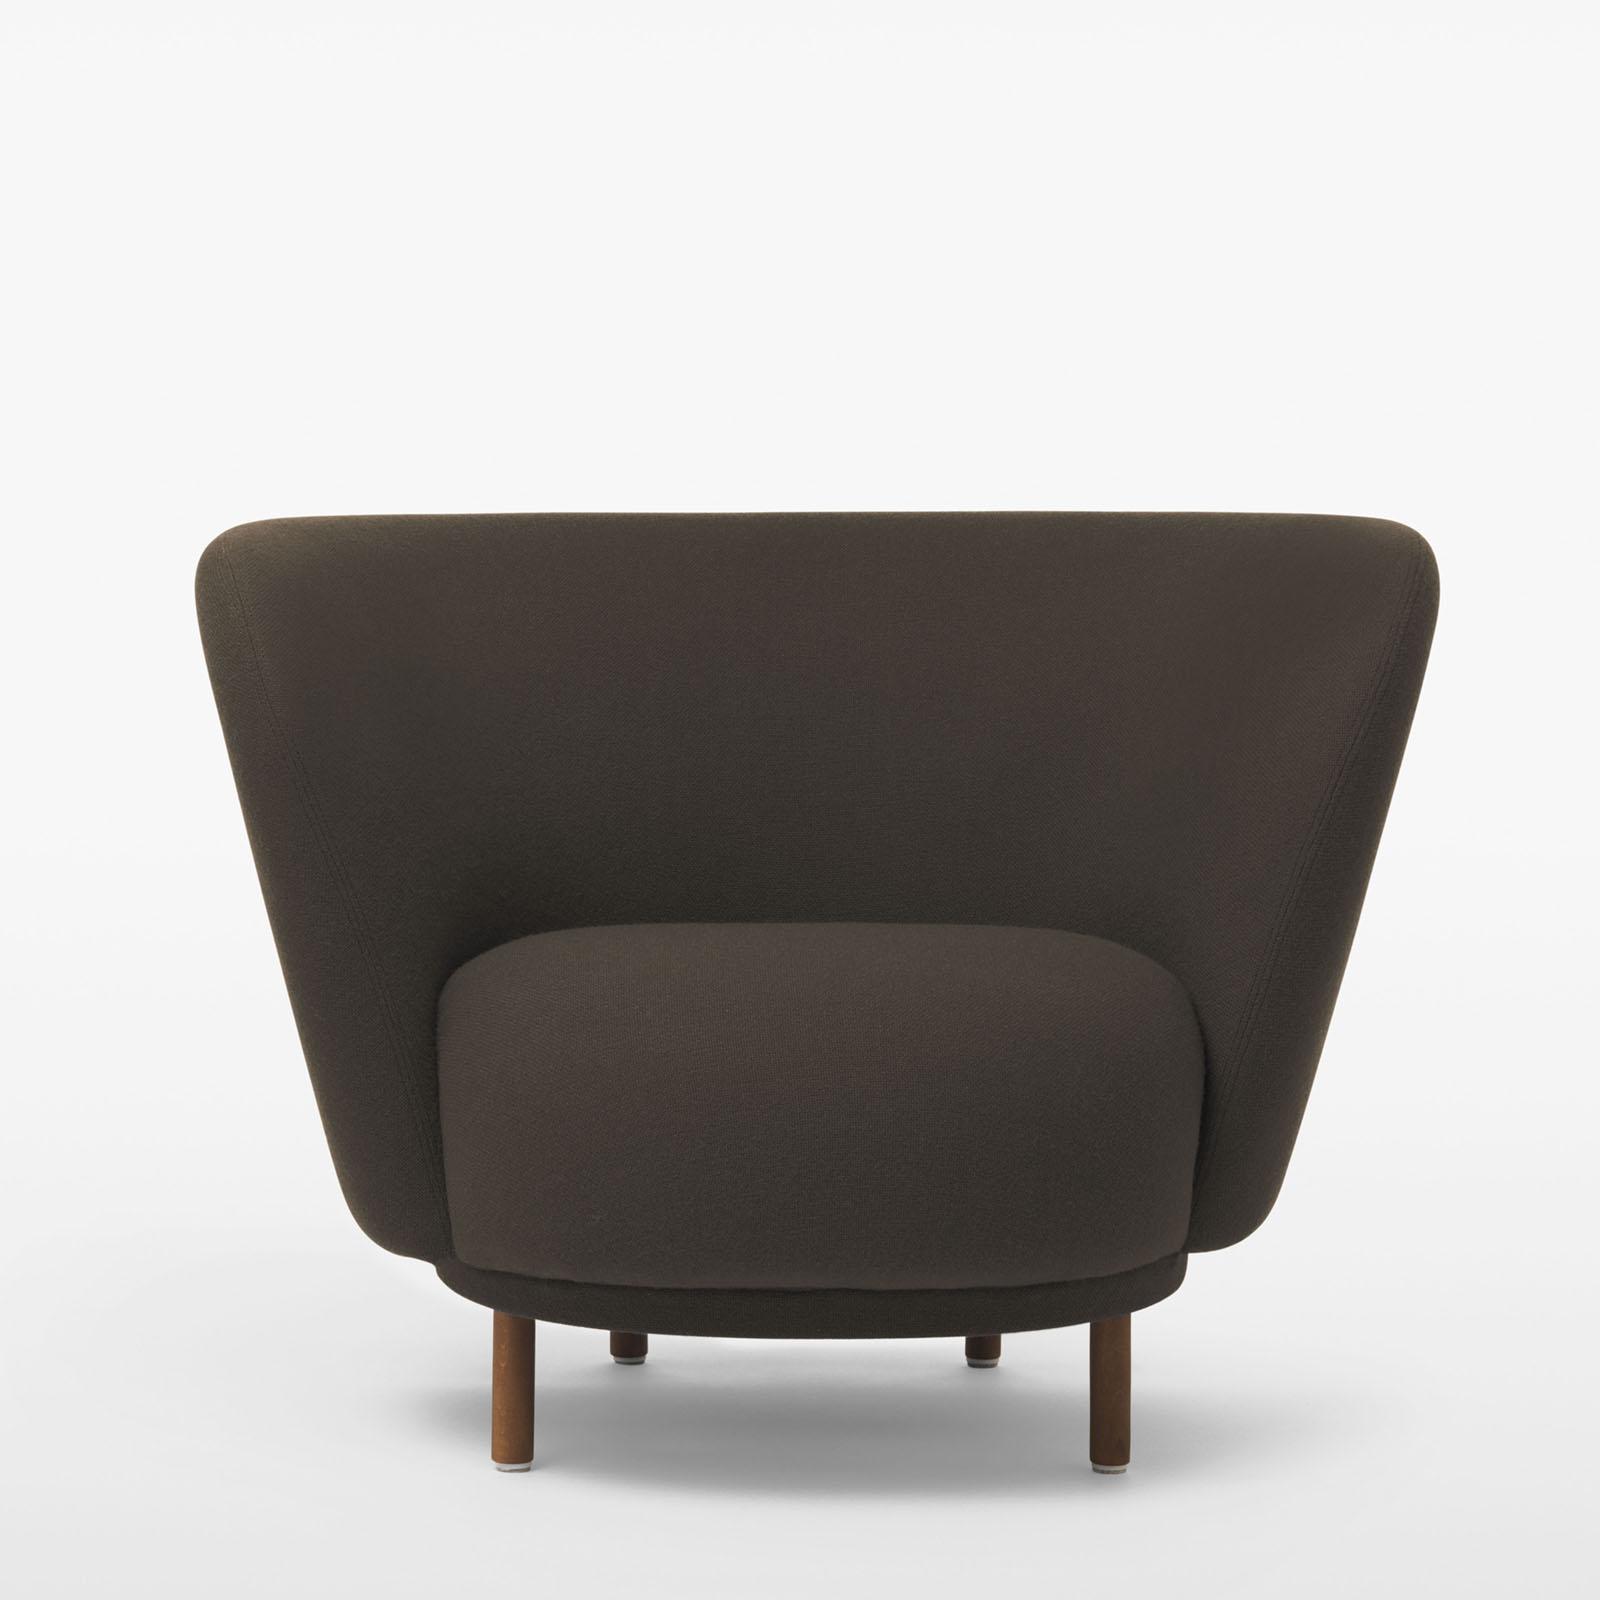 TinnappleMetz-massproductions-dandy-armchair-03